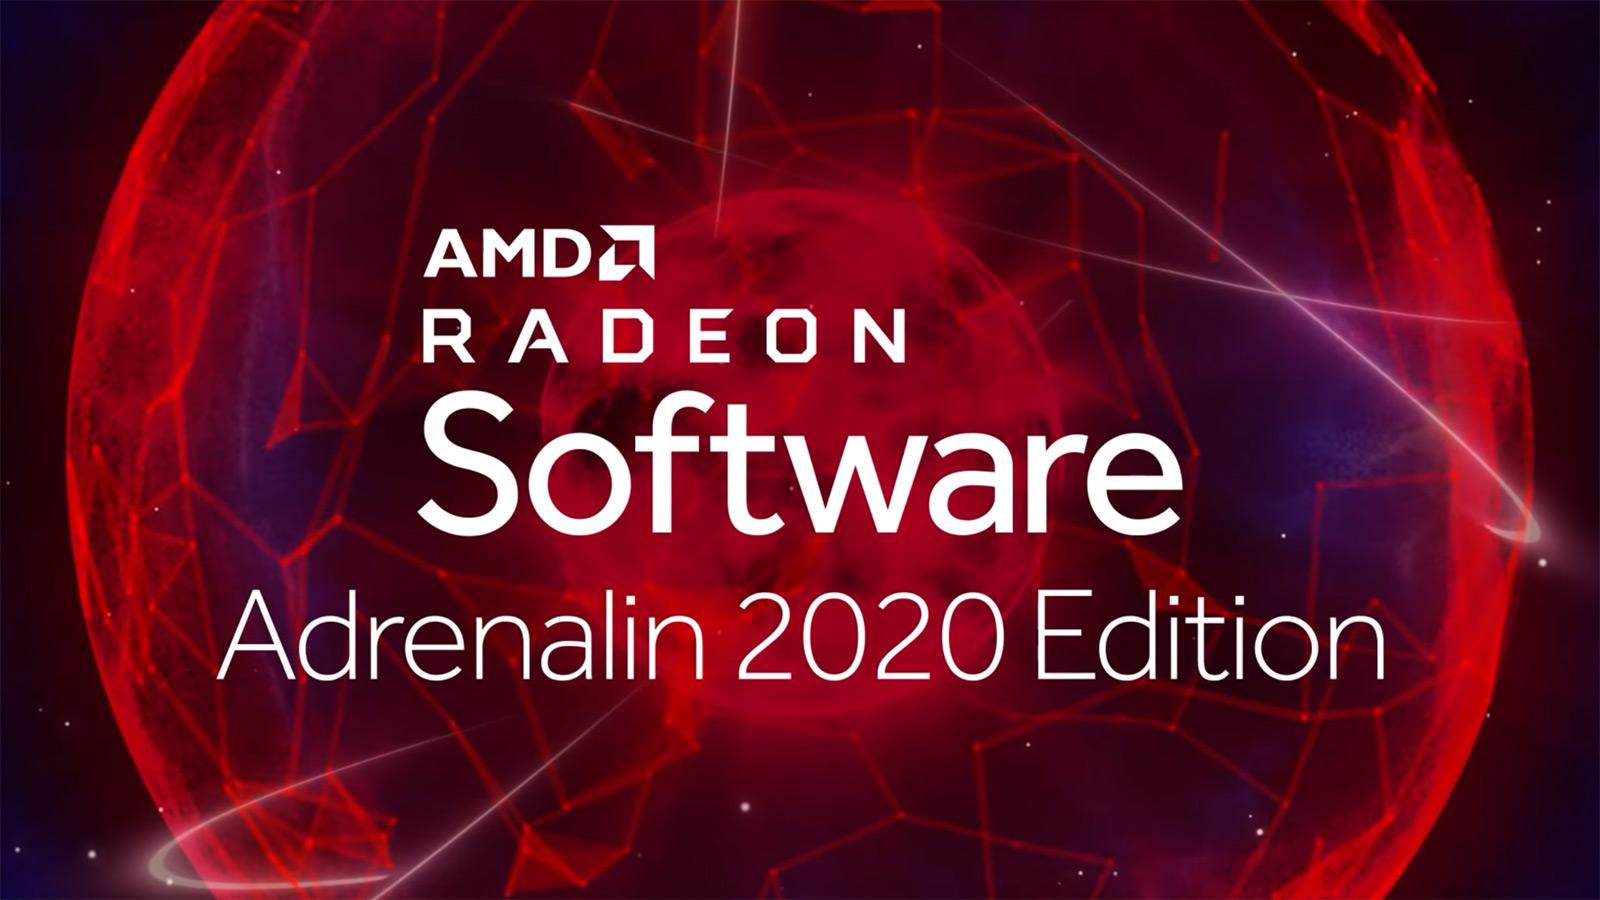 AMD Radeon Software Adrenalin 2020 Edition 20.1.1 - deskargatzeko eskuragarri dauden adabaki-masa duen kontrolatzailearen paketea